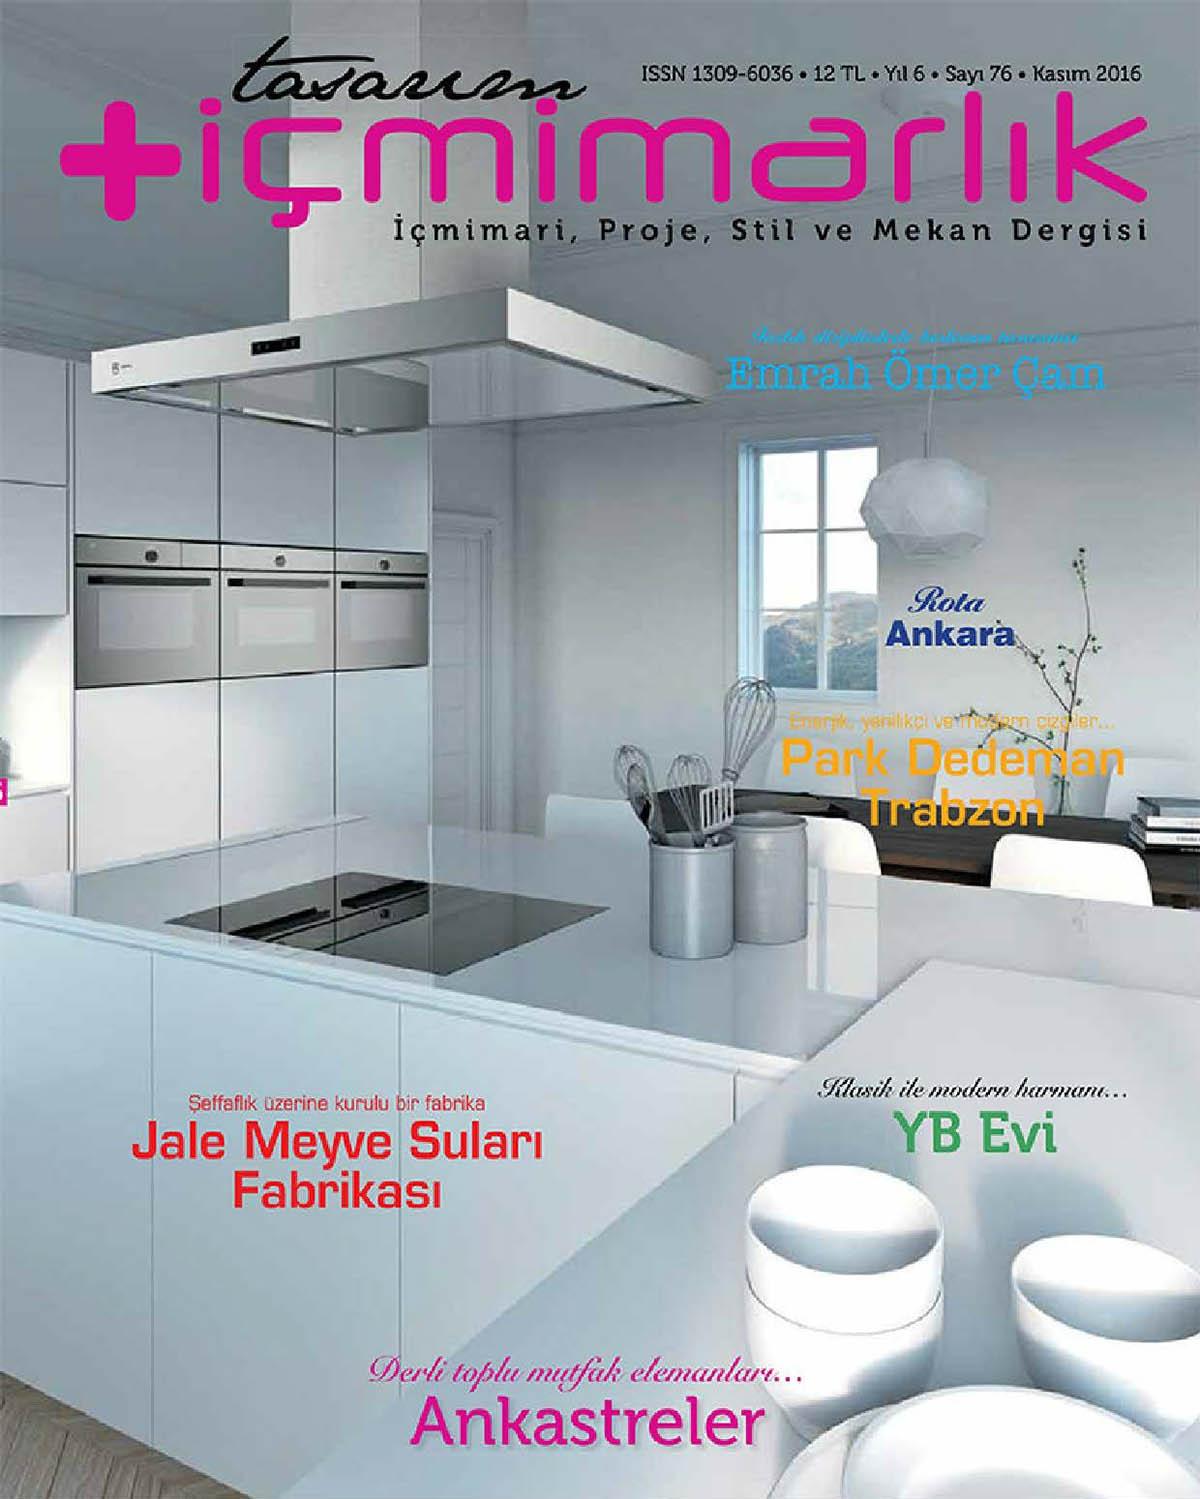 Evren Yiğit | Evren Yiğit Mimarlık Tasarım Artı İçmimarlık dergisinin Kasım sayısında | Sıradışı Digital